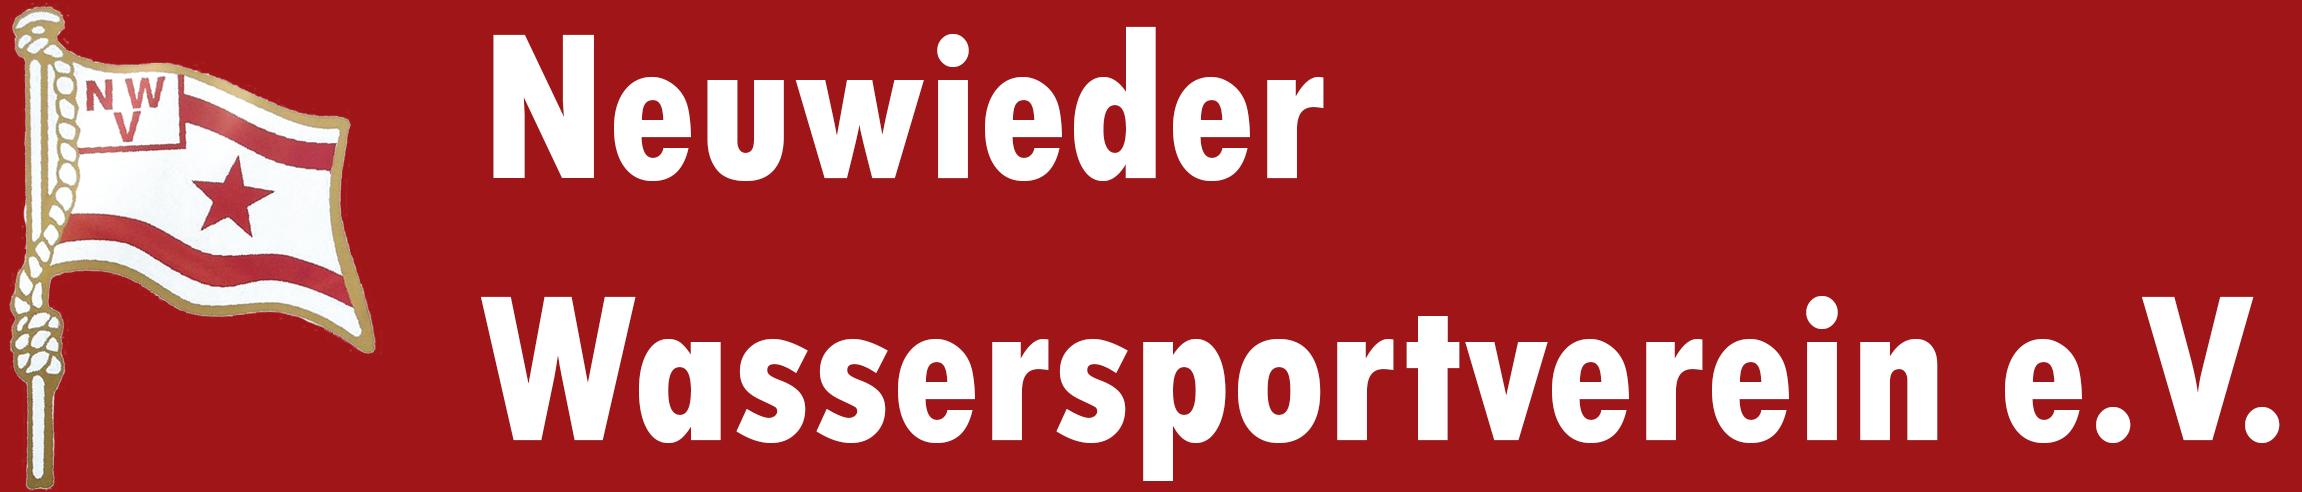 Gastbeitrag bei Neuwieder Wassersportverein e.V.